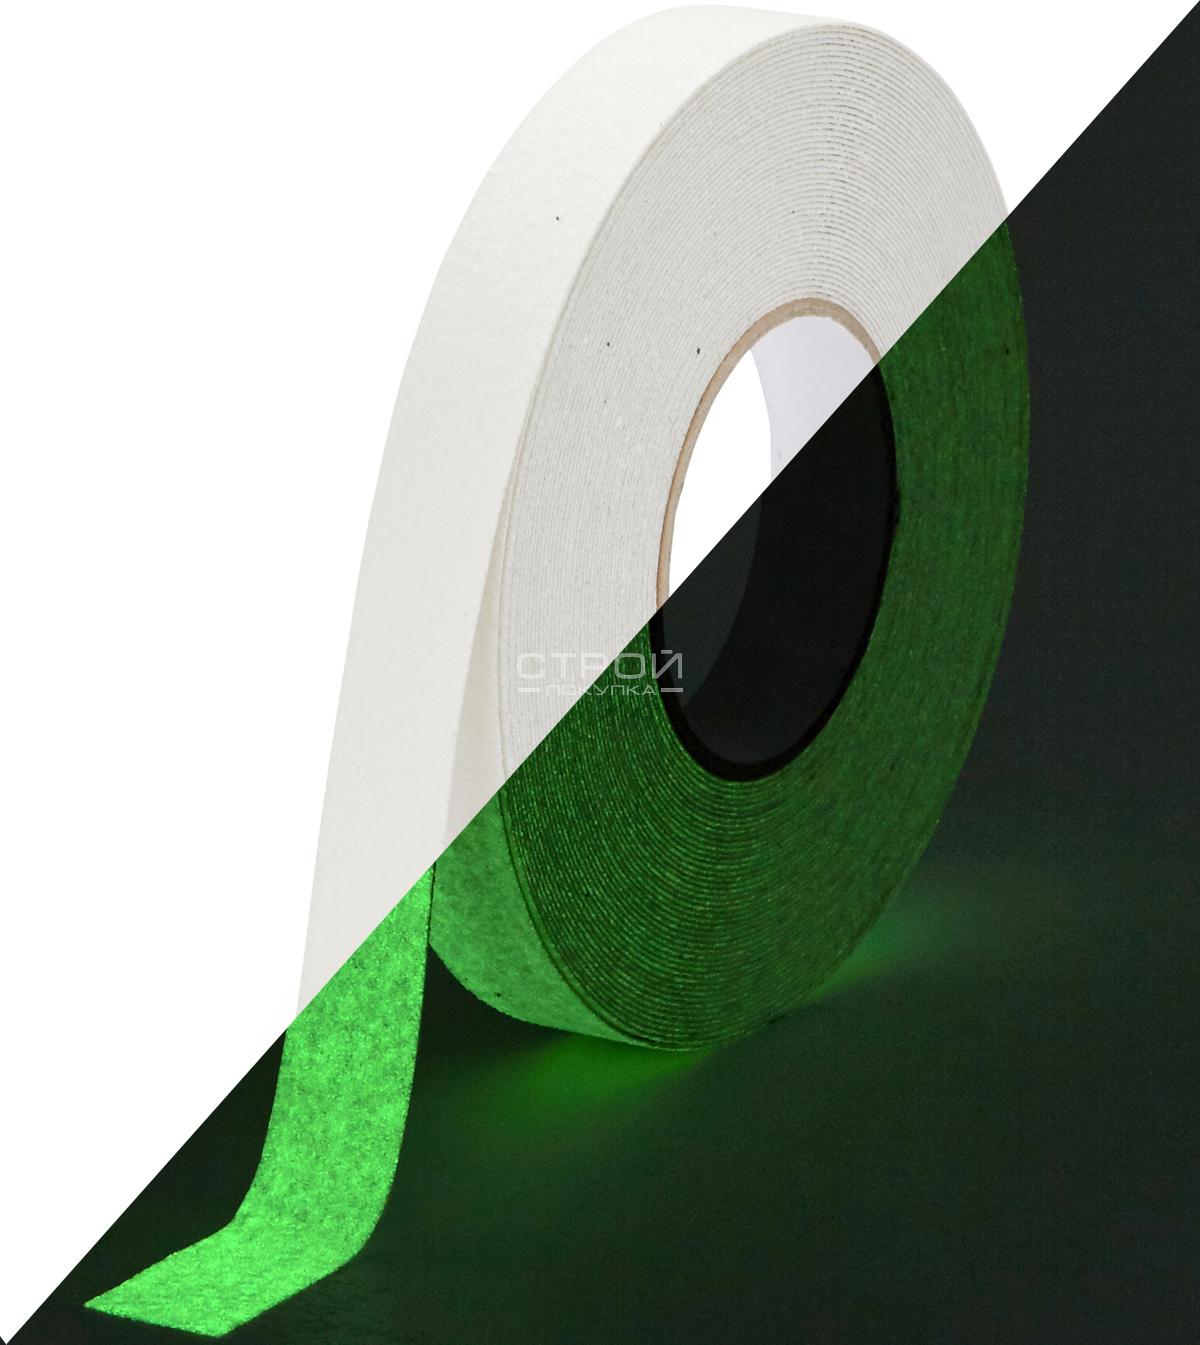 Светящаяся клейкая лента против скольжения 2.5 см, Heskins.